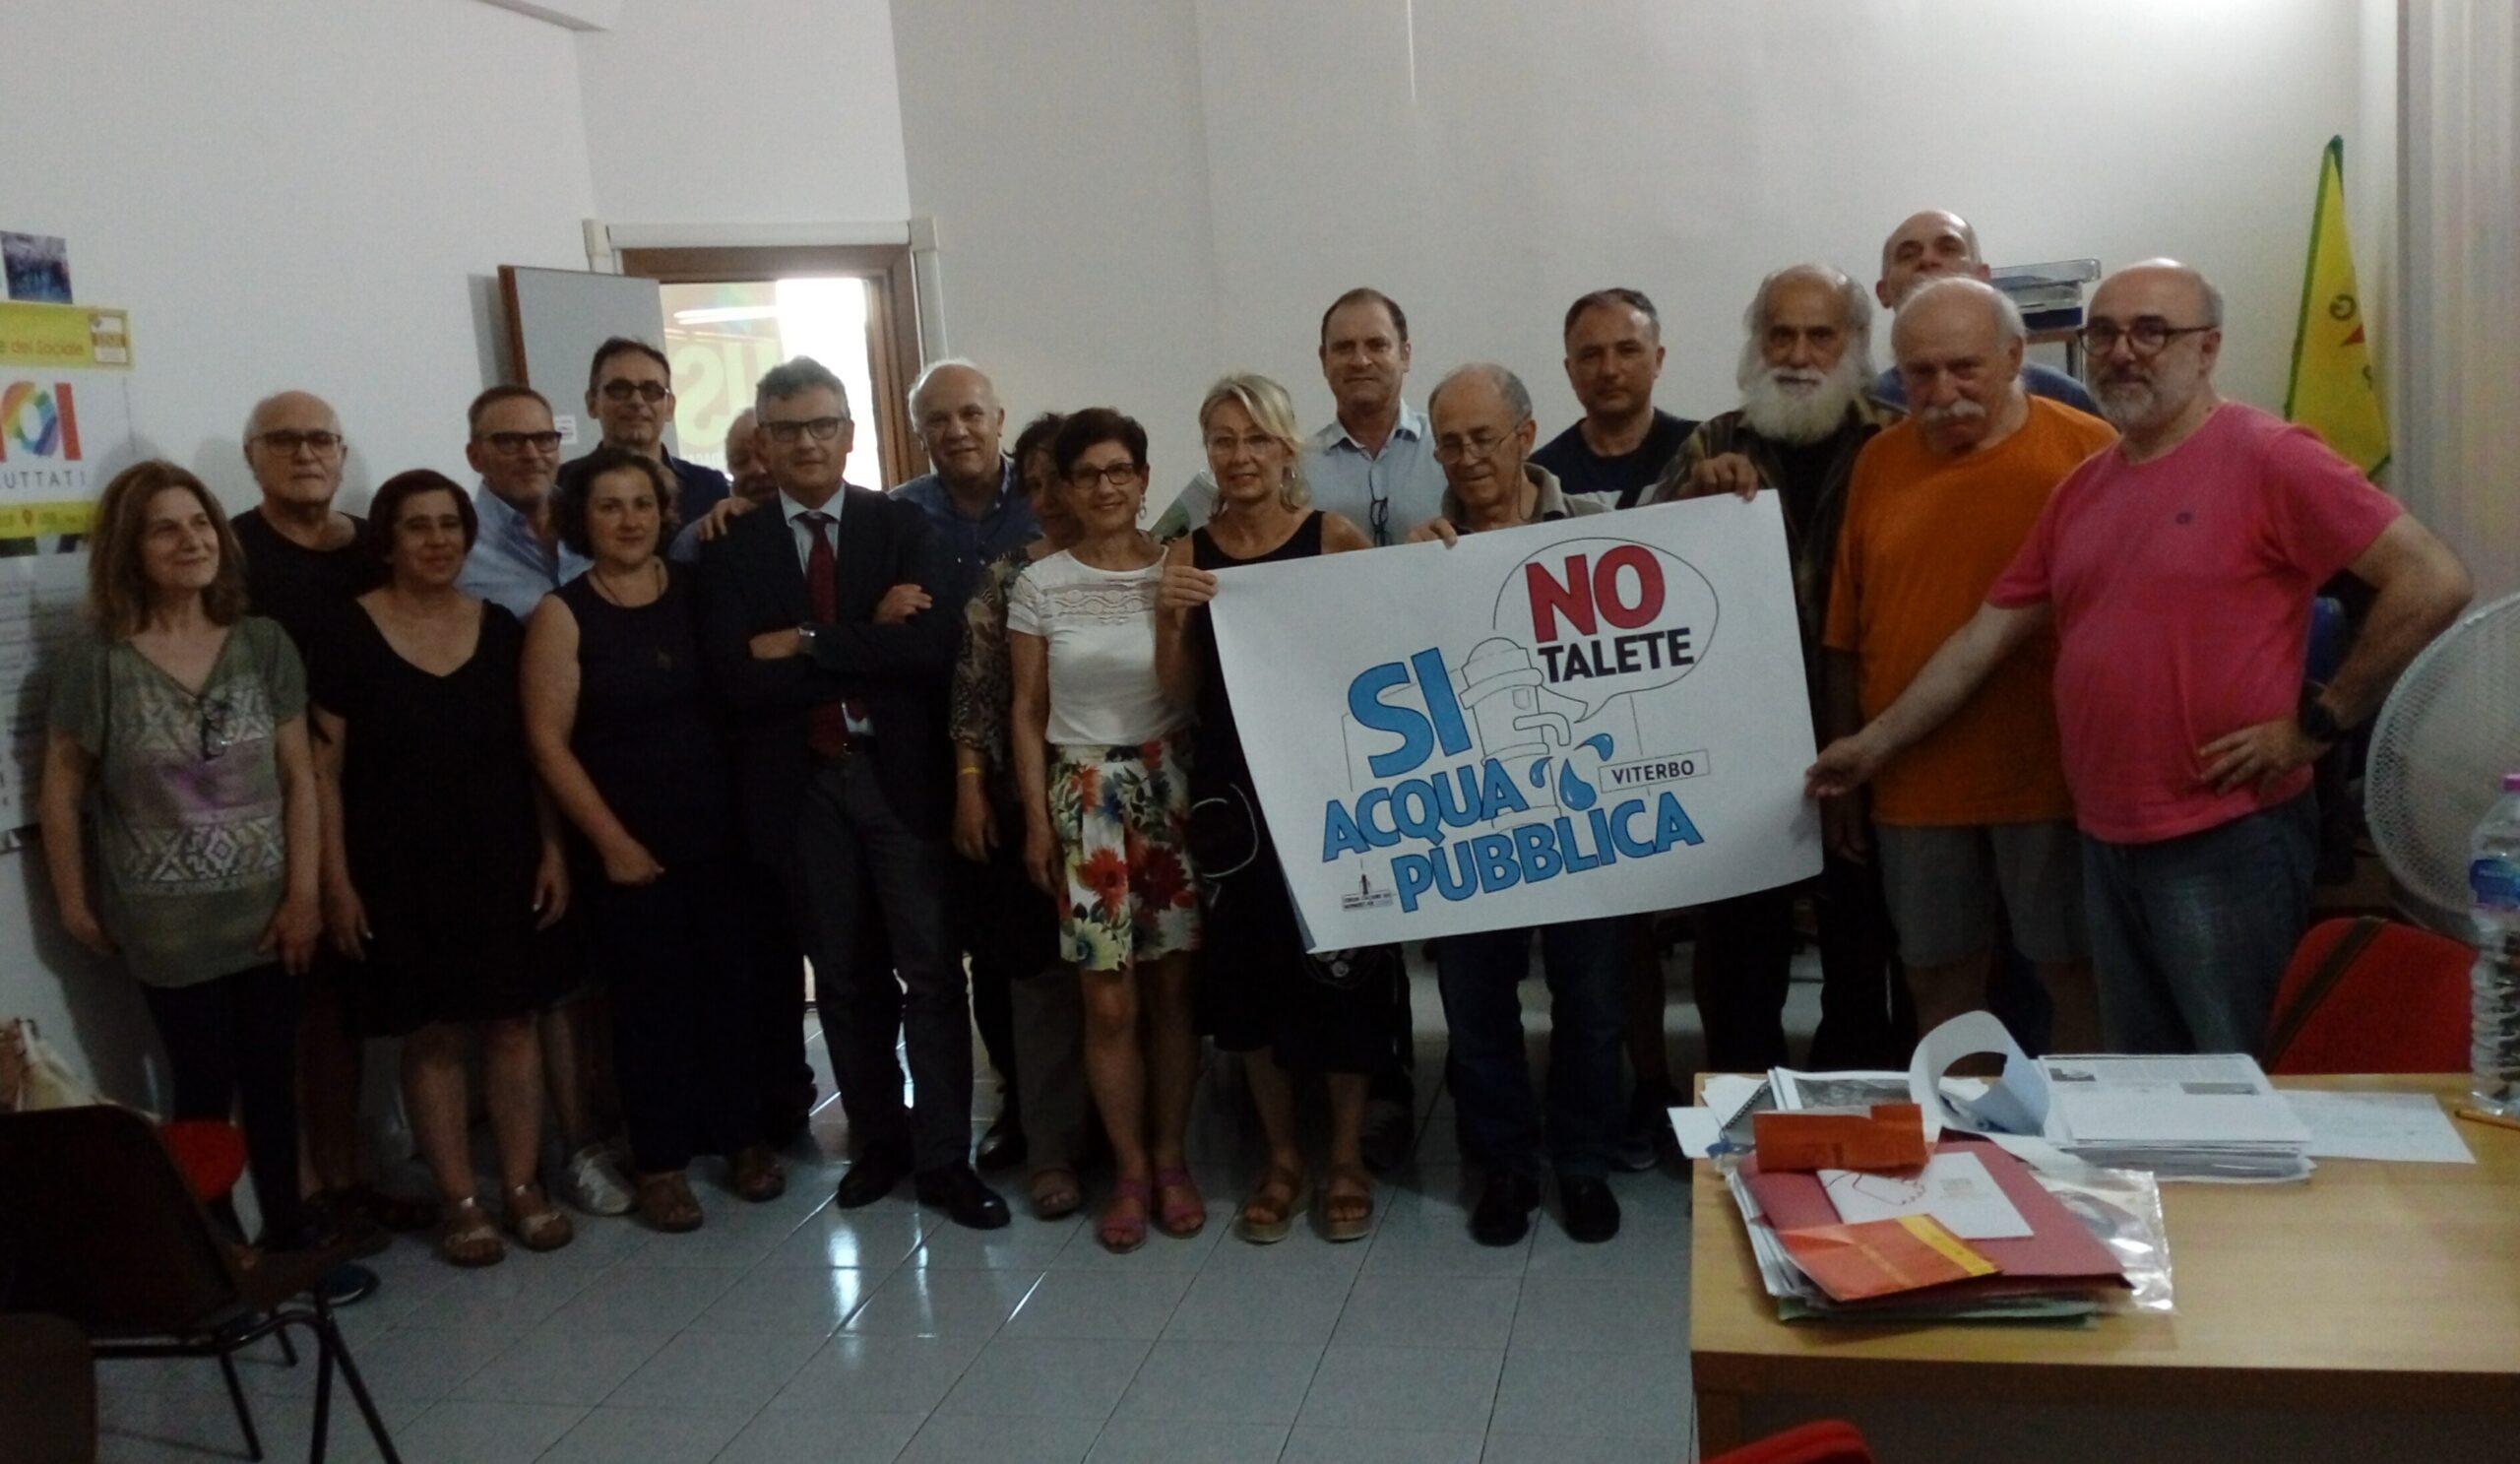 Viterbo, Non ce la beviamo, manifestazione venerdì 4 giugno: fermiamo la privatizzazione dell'acqua